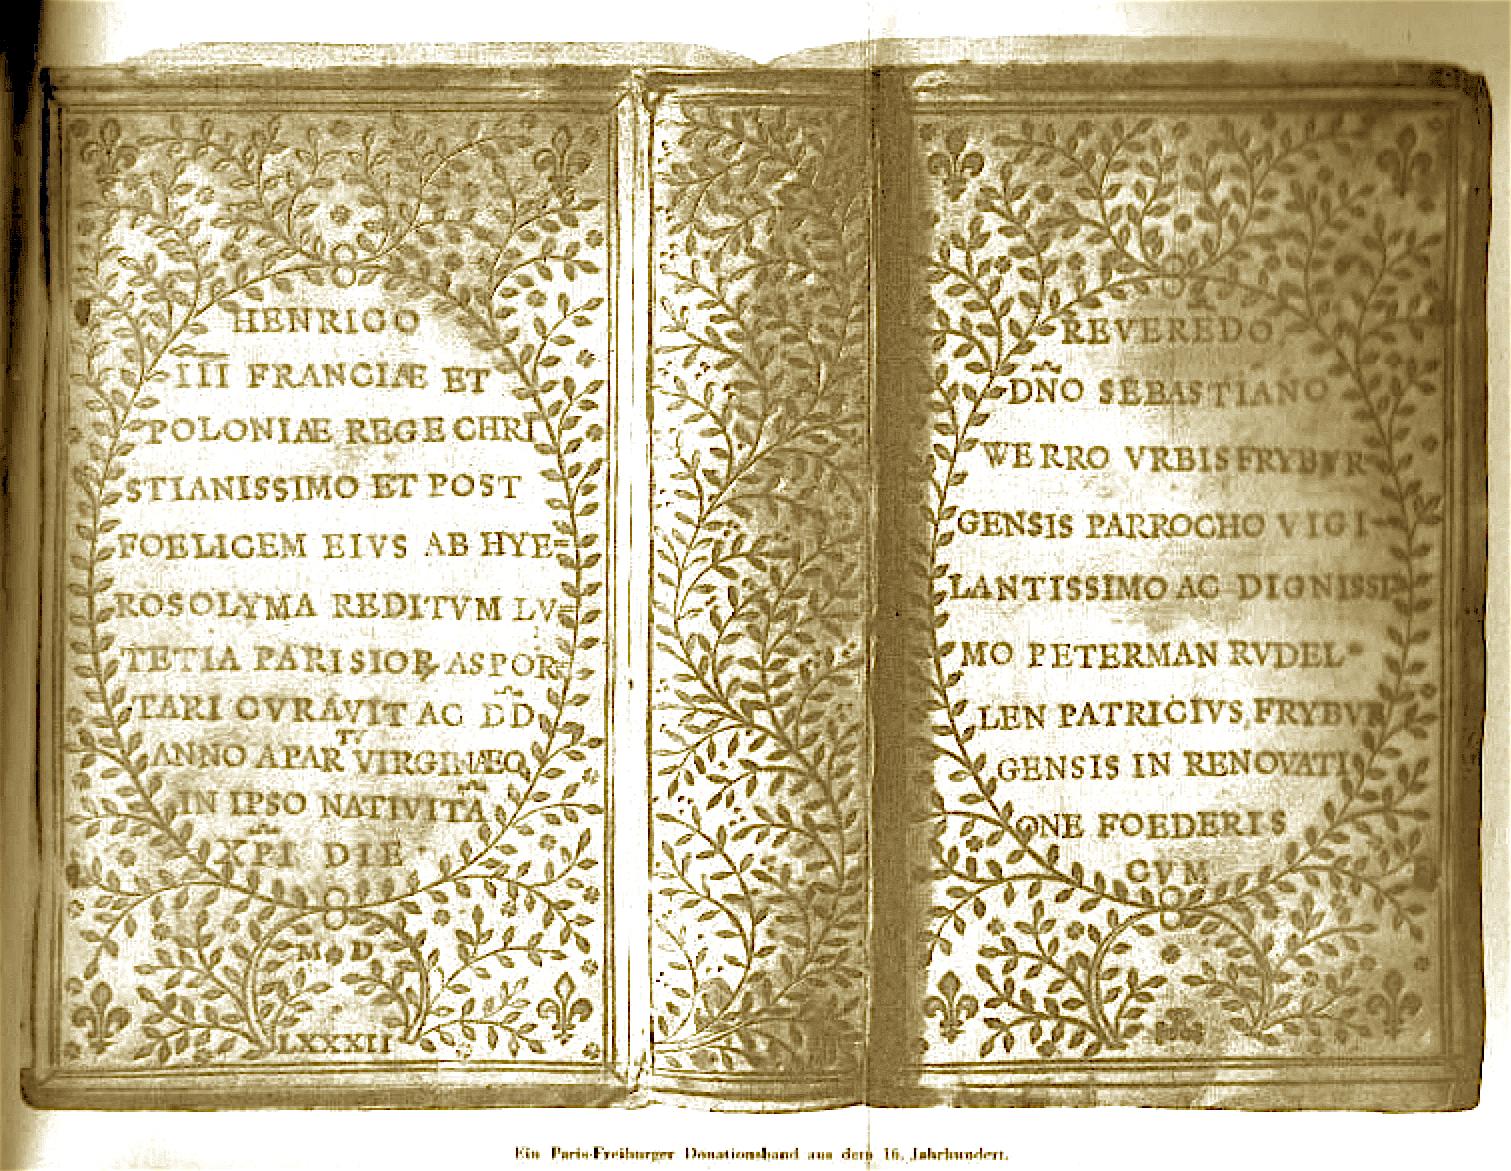 Freiburger Donationsband (1582) im Stil à la fanfare